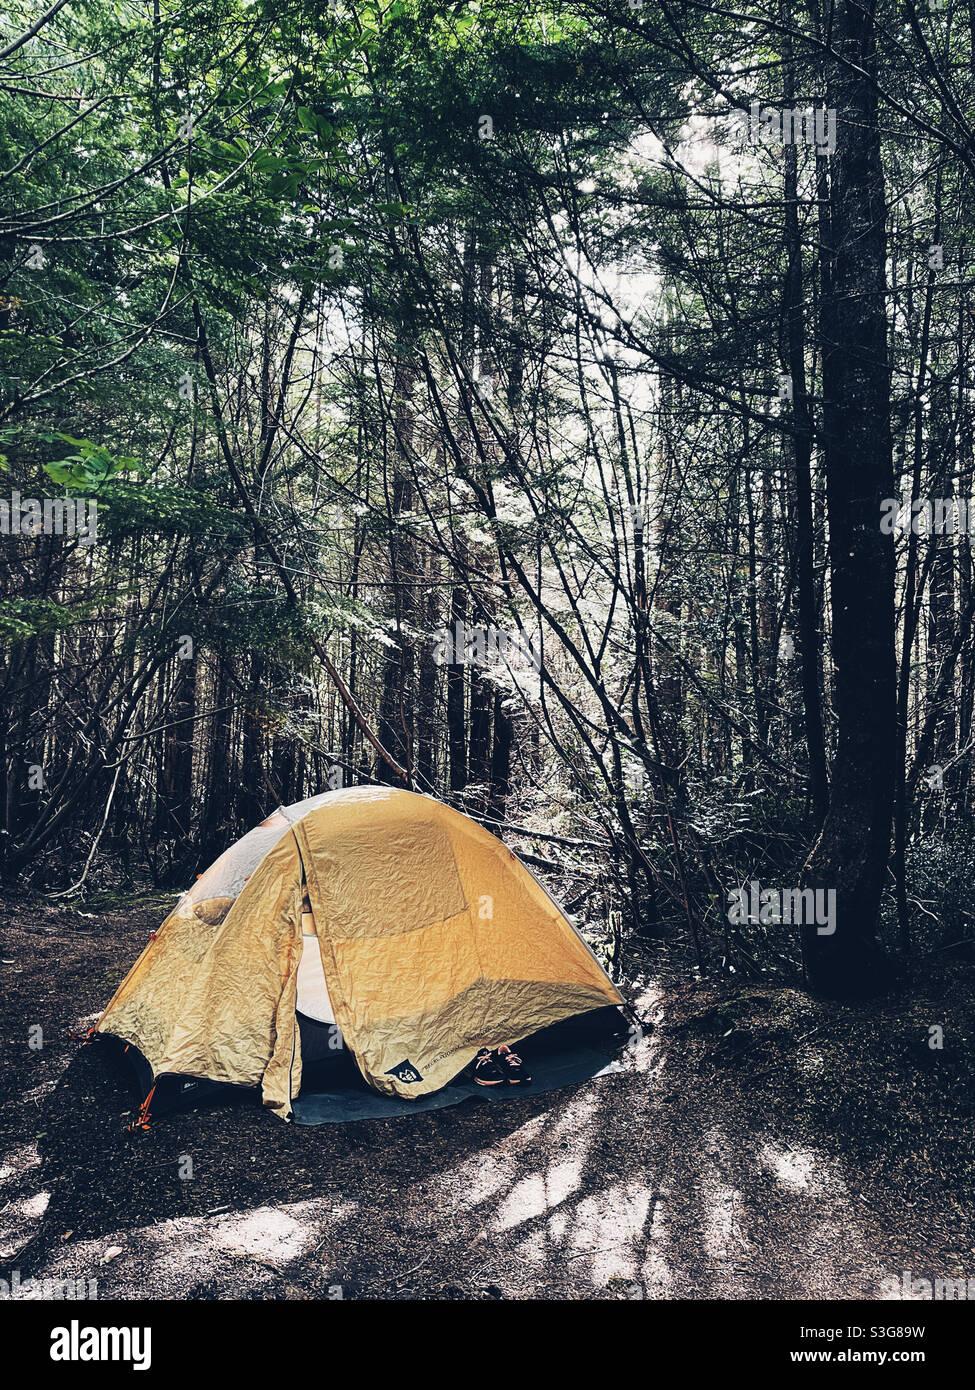 Zelten im Wald Stockfoto